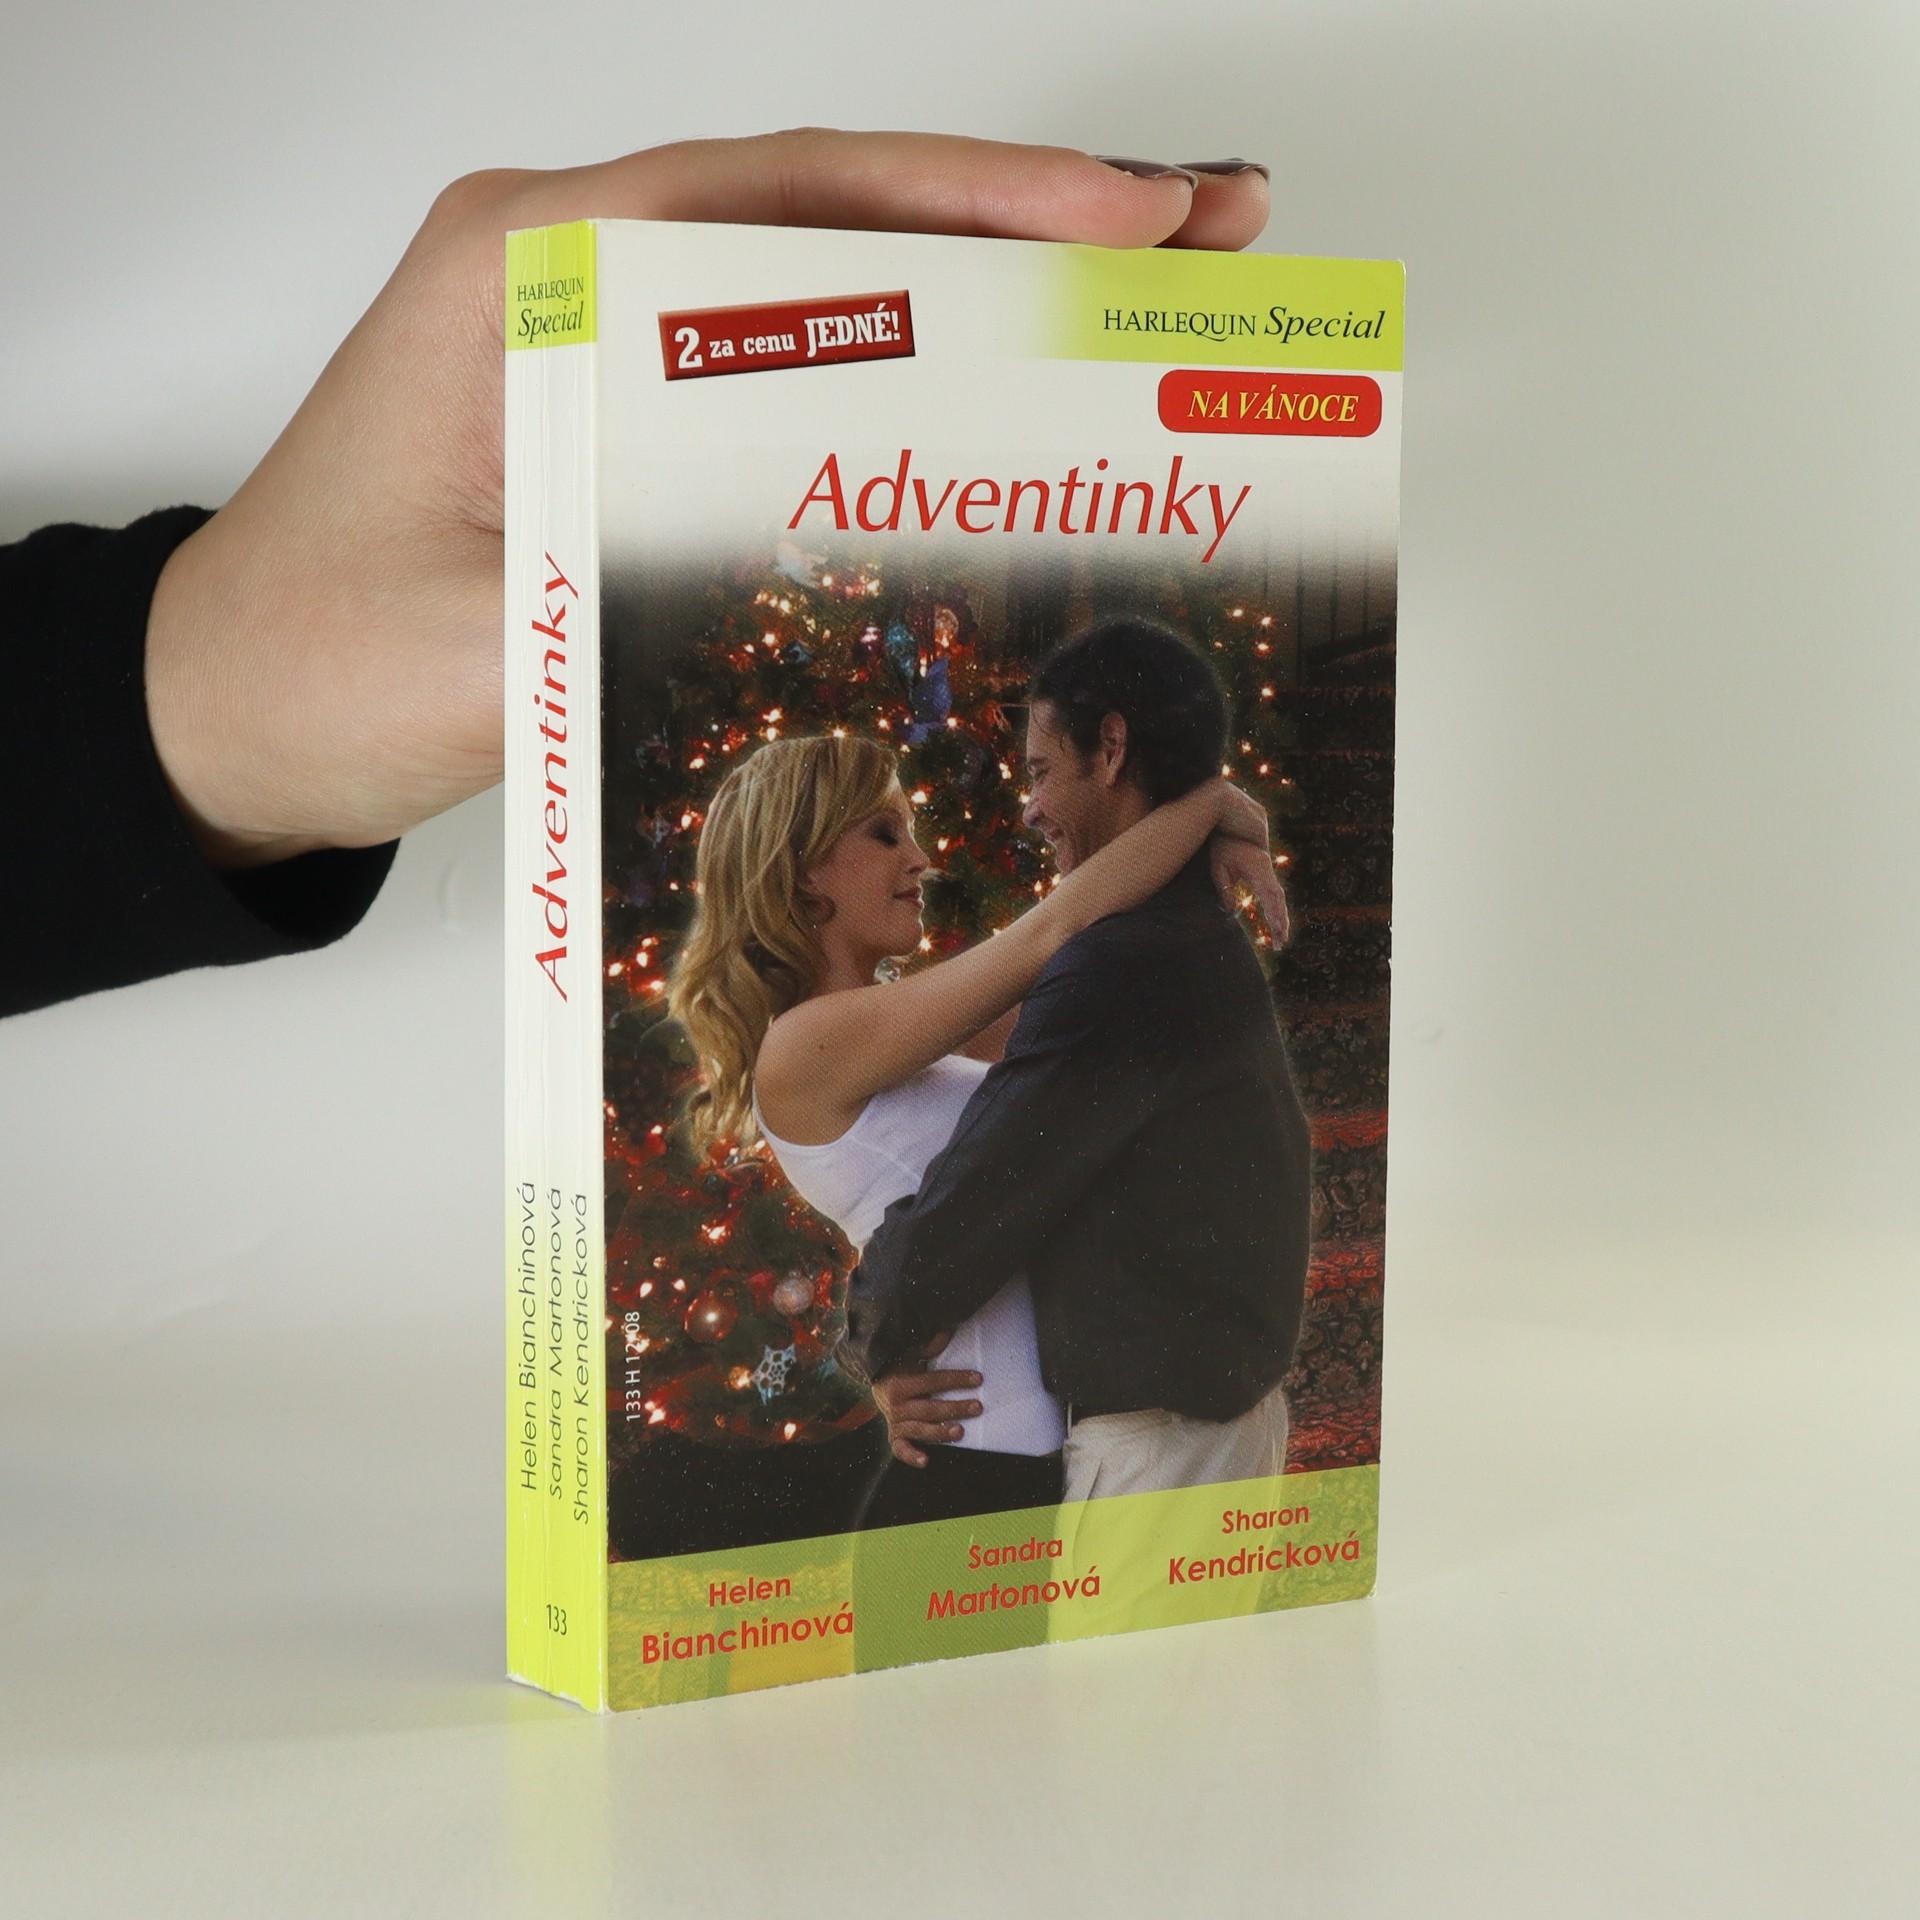 antikvární kniha Adventinky, neuveden